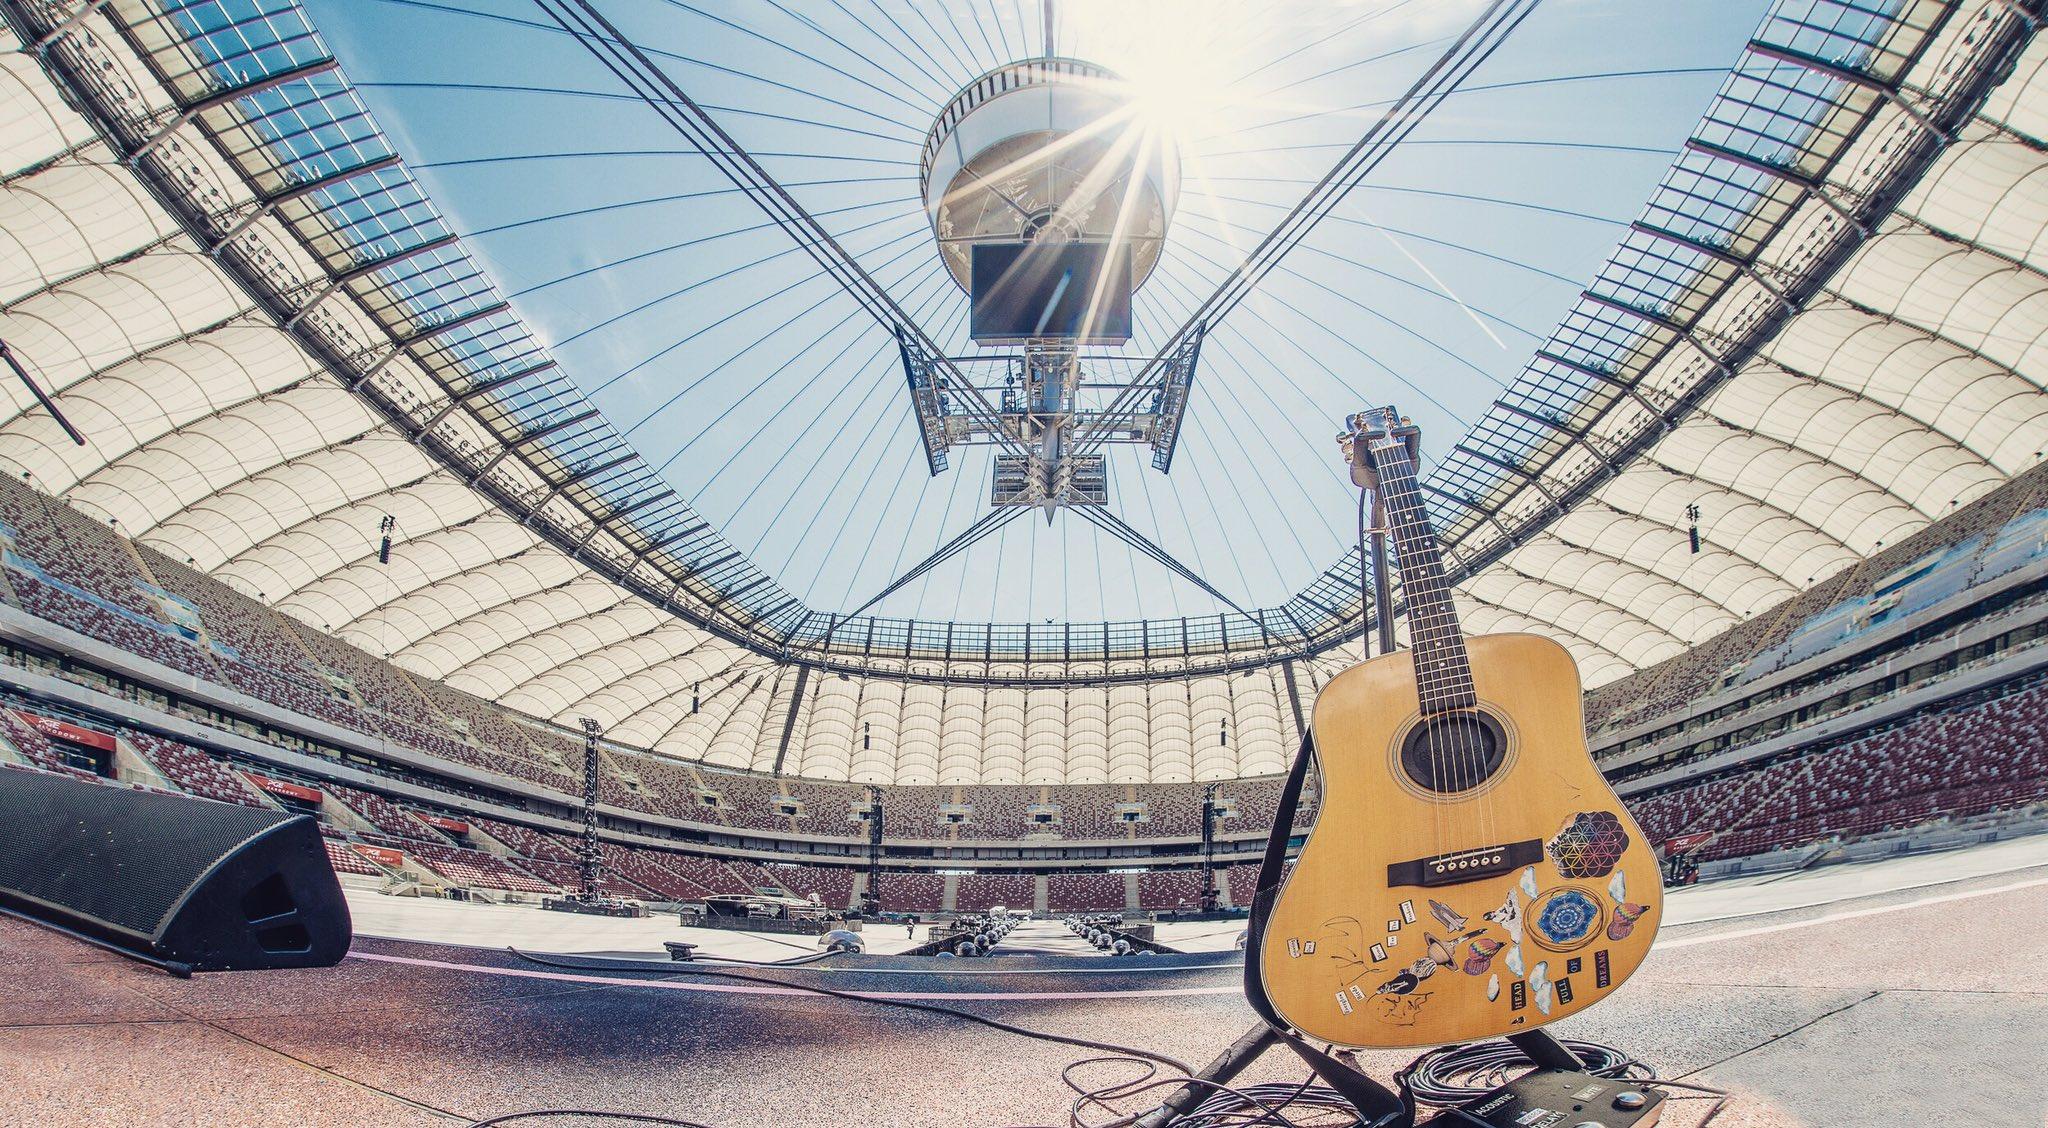 Pozdrowienia z Warszawy! #ColdplayWarsaw R42 https://t.co/awx5lTjaj7